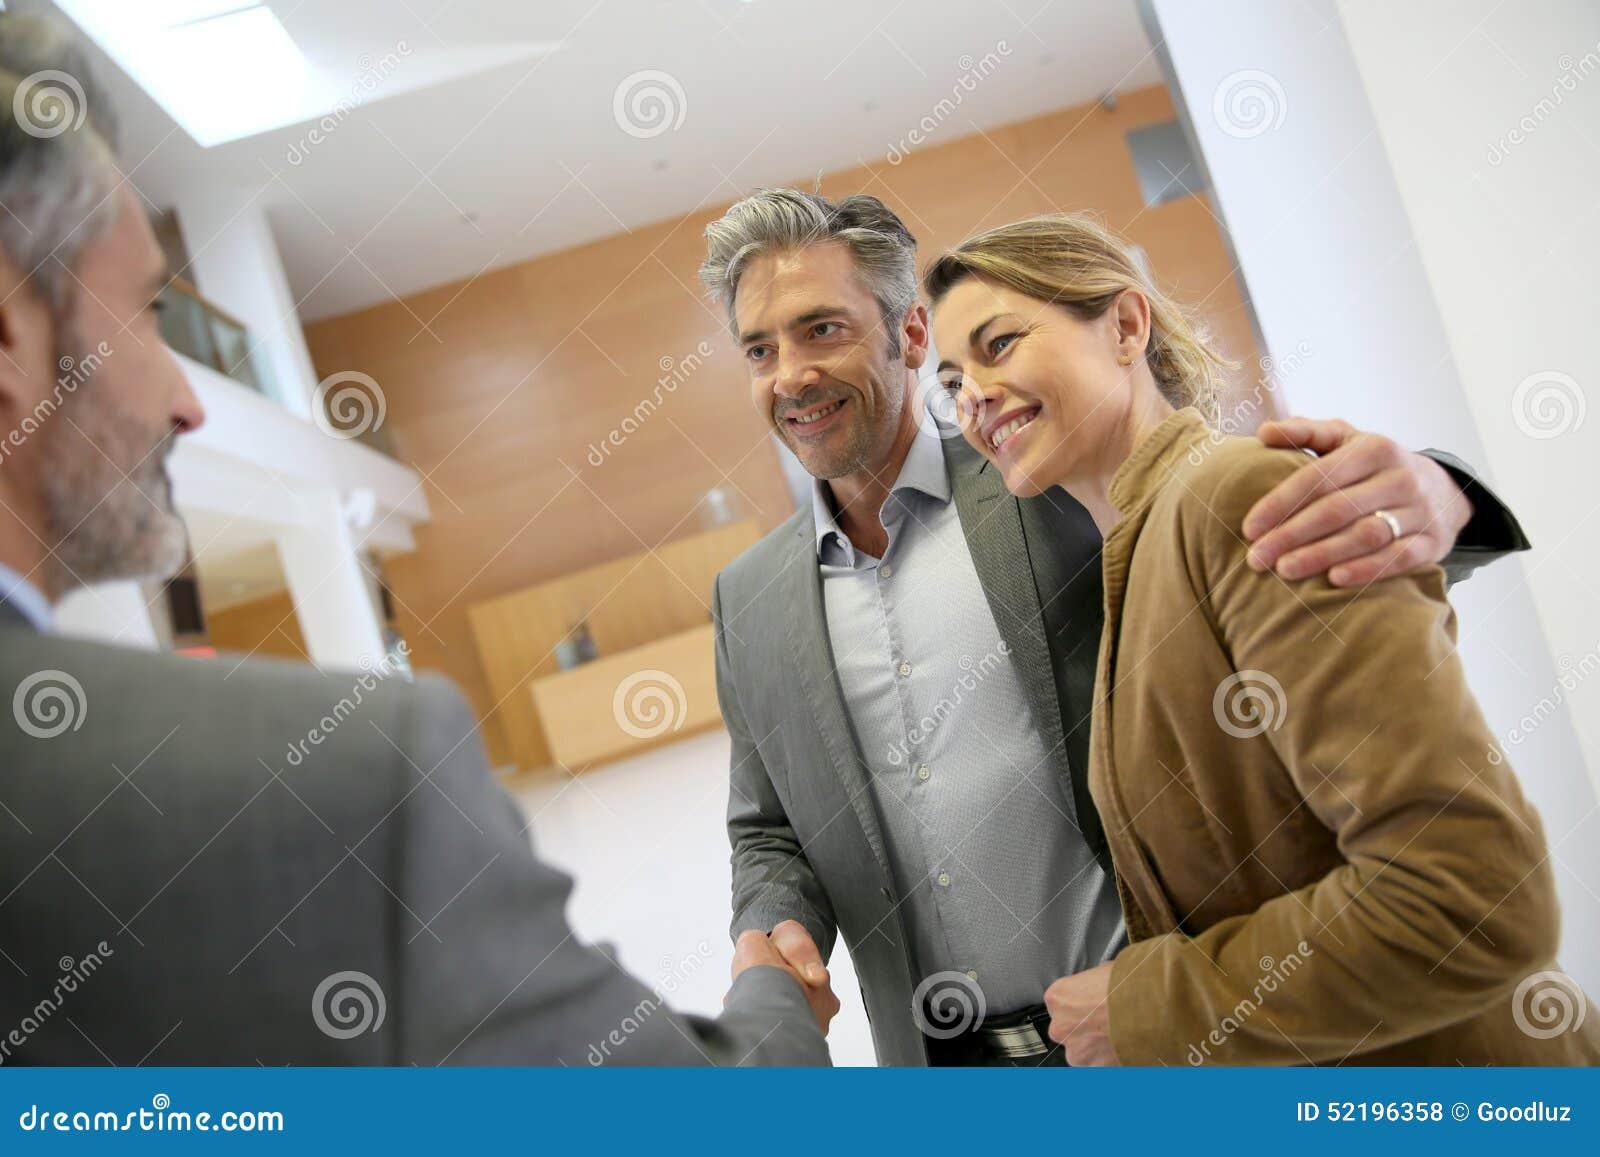 Poignée de main après accord réussi avec des clients